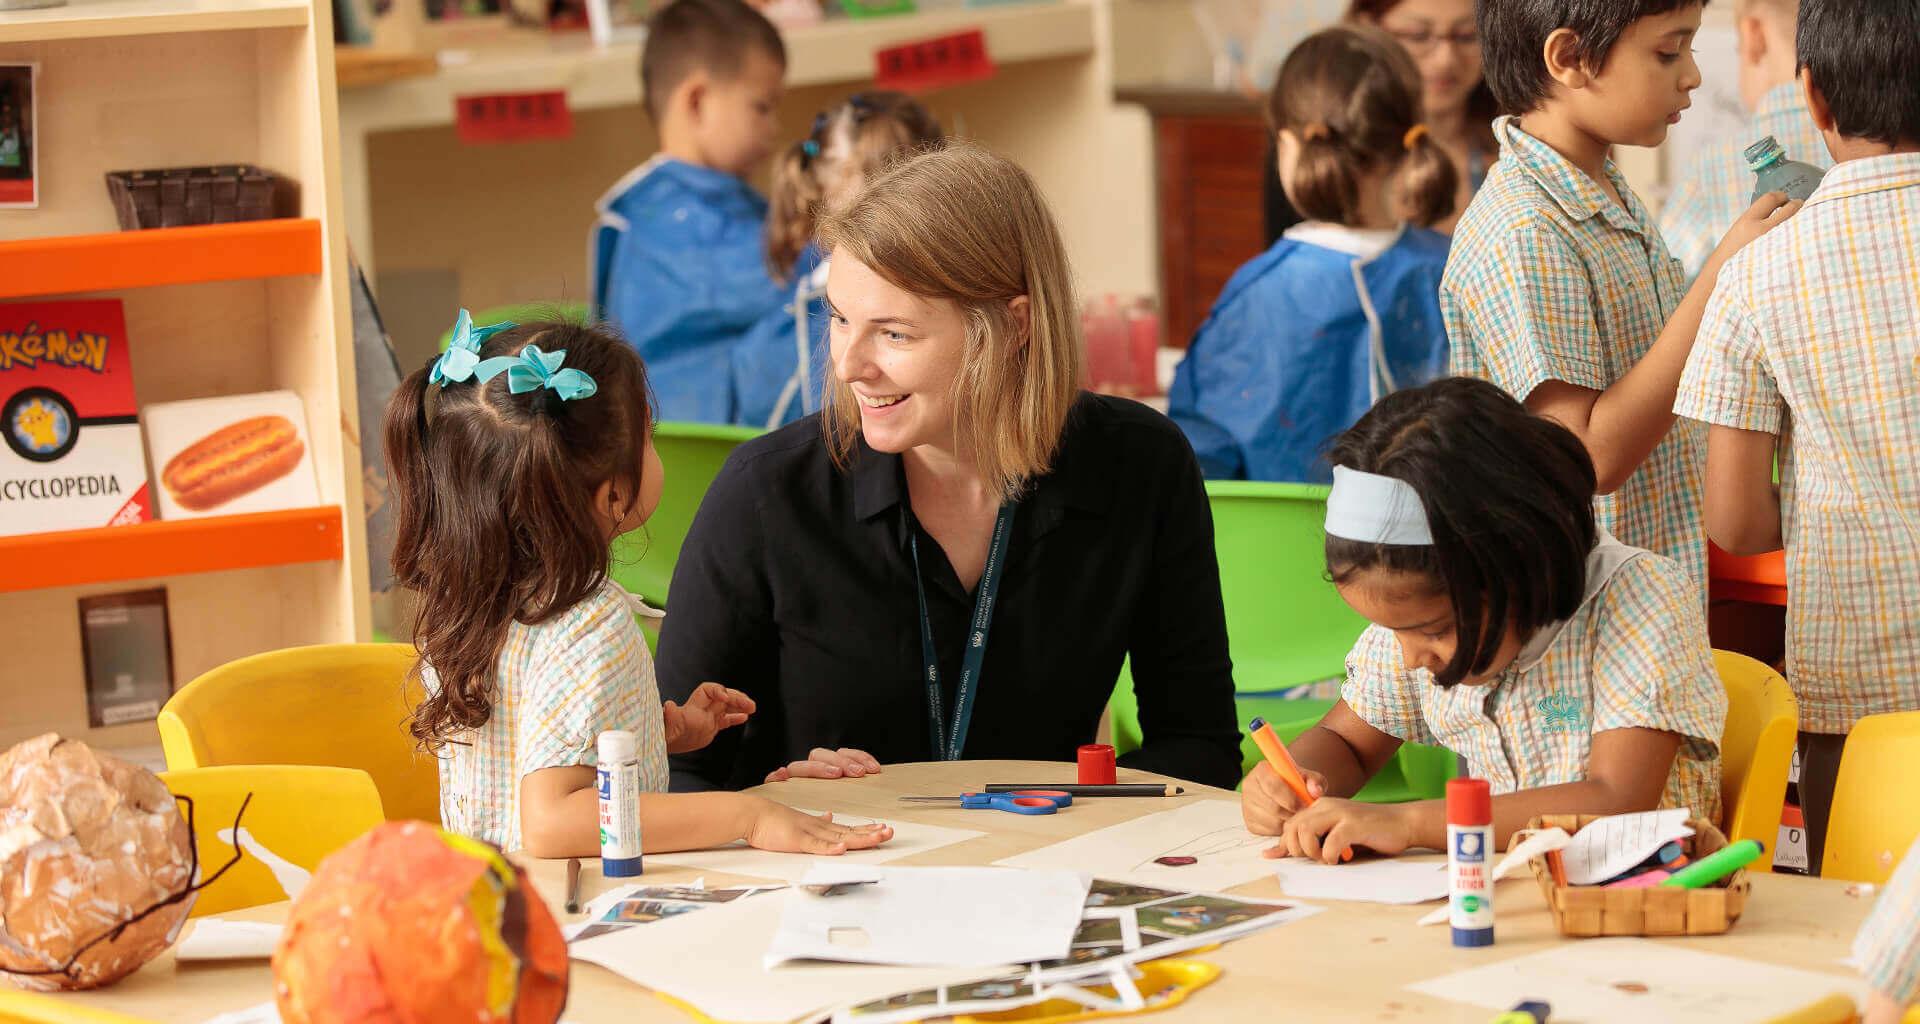 Private Day School Canada